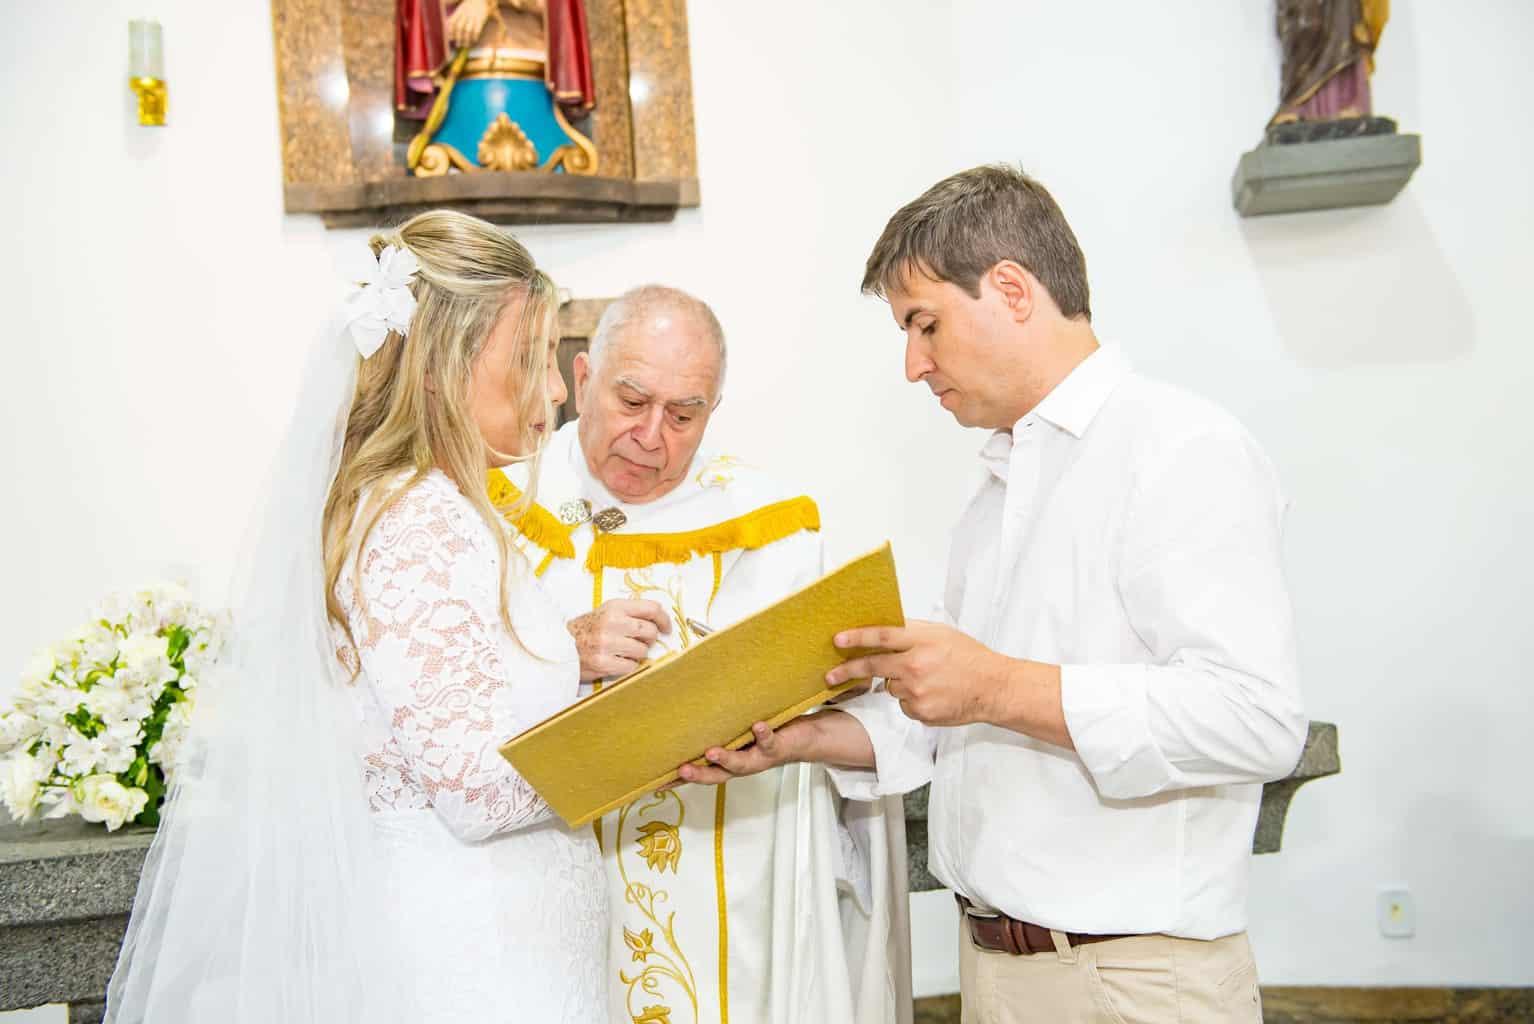 Capela-Santo-Cristo-dos-Milagres-casamento-religioso-Casamento-Roberta-e-Angelo-cerimonia-na-igreja-Danielle-Loureiro163